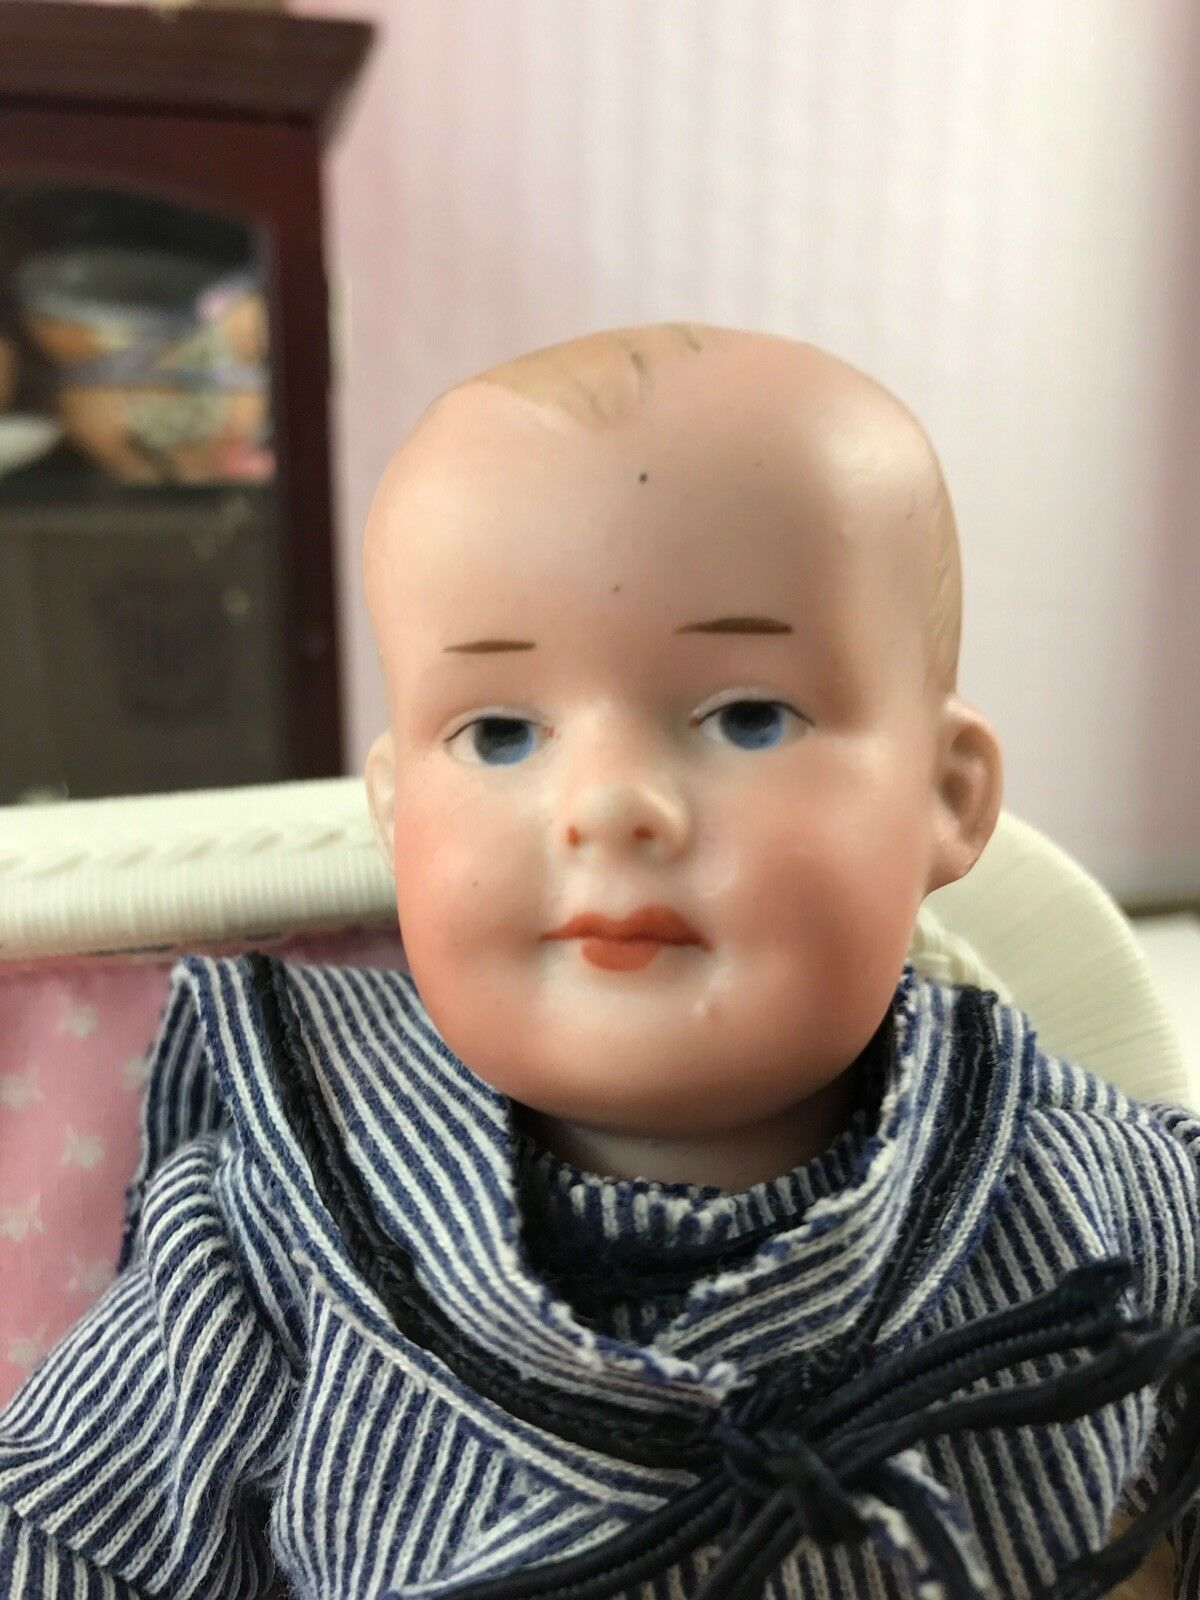 7  Antiguo Alemán cabeza de Biscuit un molde de bebé de caracteres M am 500 Sailor Suit